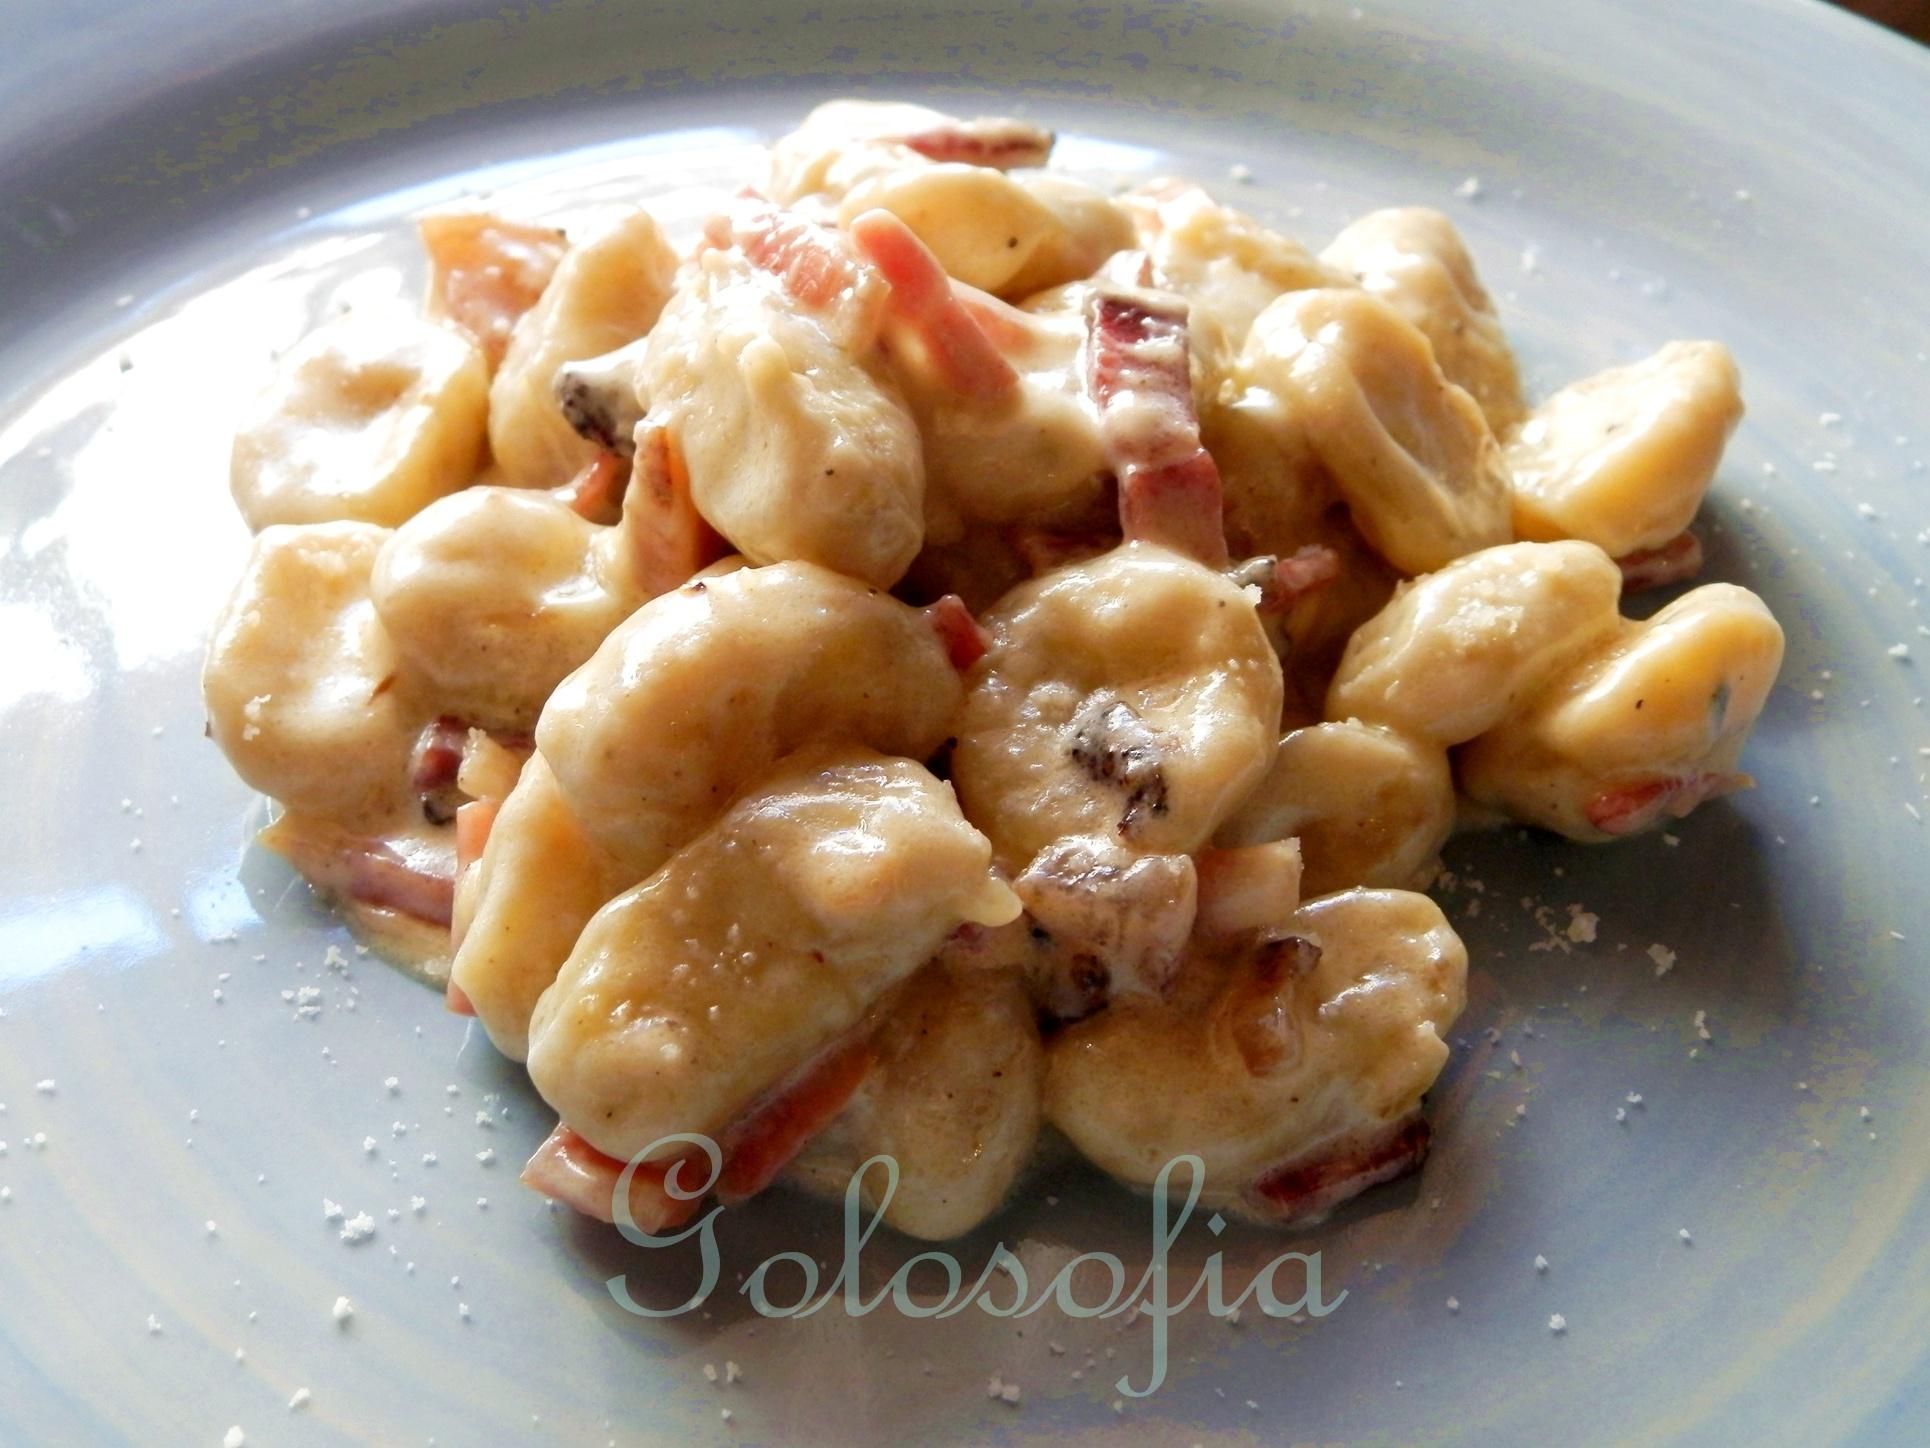 Ricette Con Gnocchi E Speck.Gnocchi Di Patate Con Panna E Speck Ricetta Casalinga Golosa